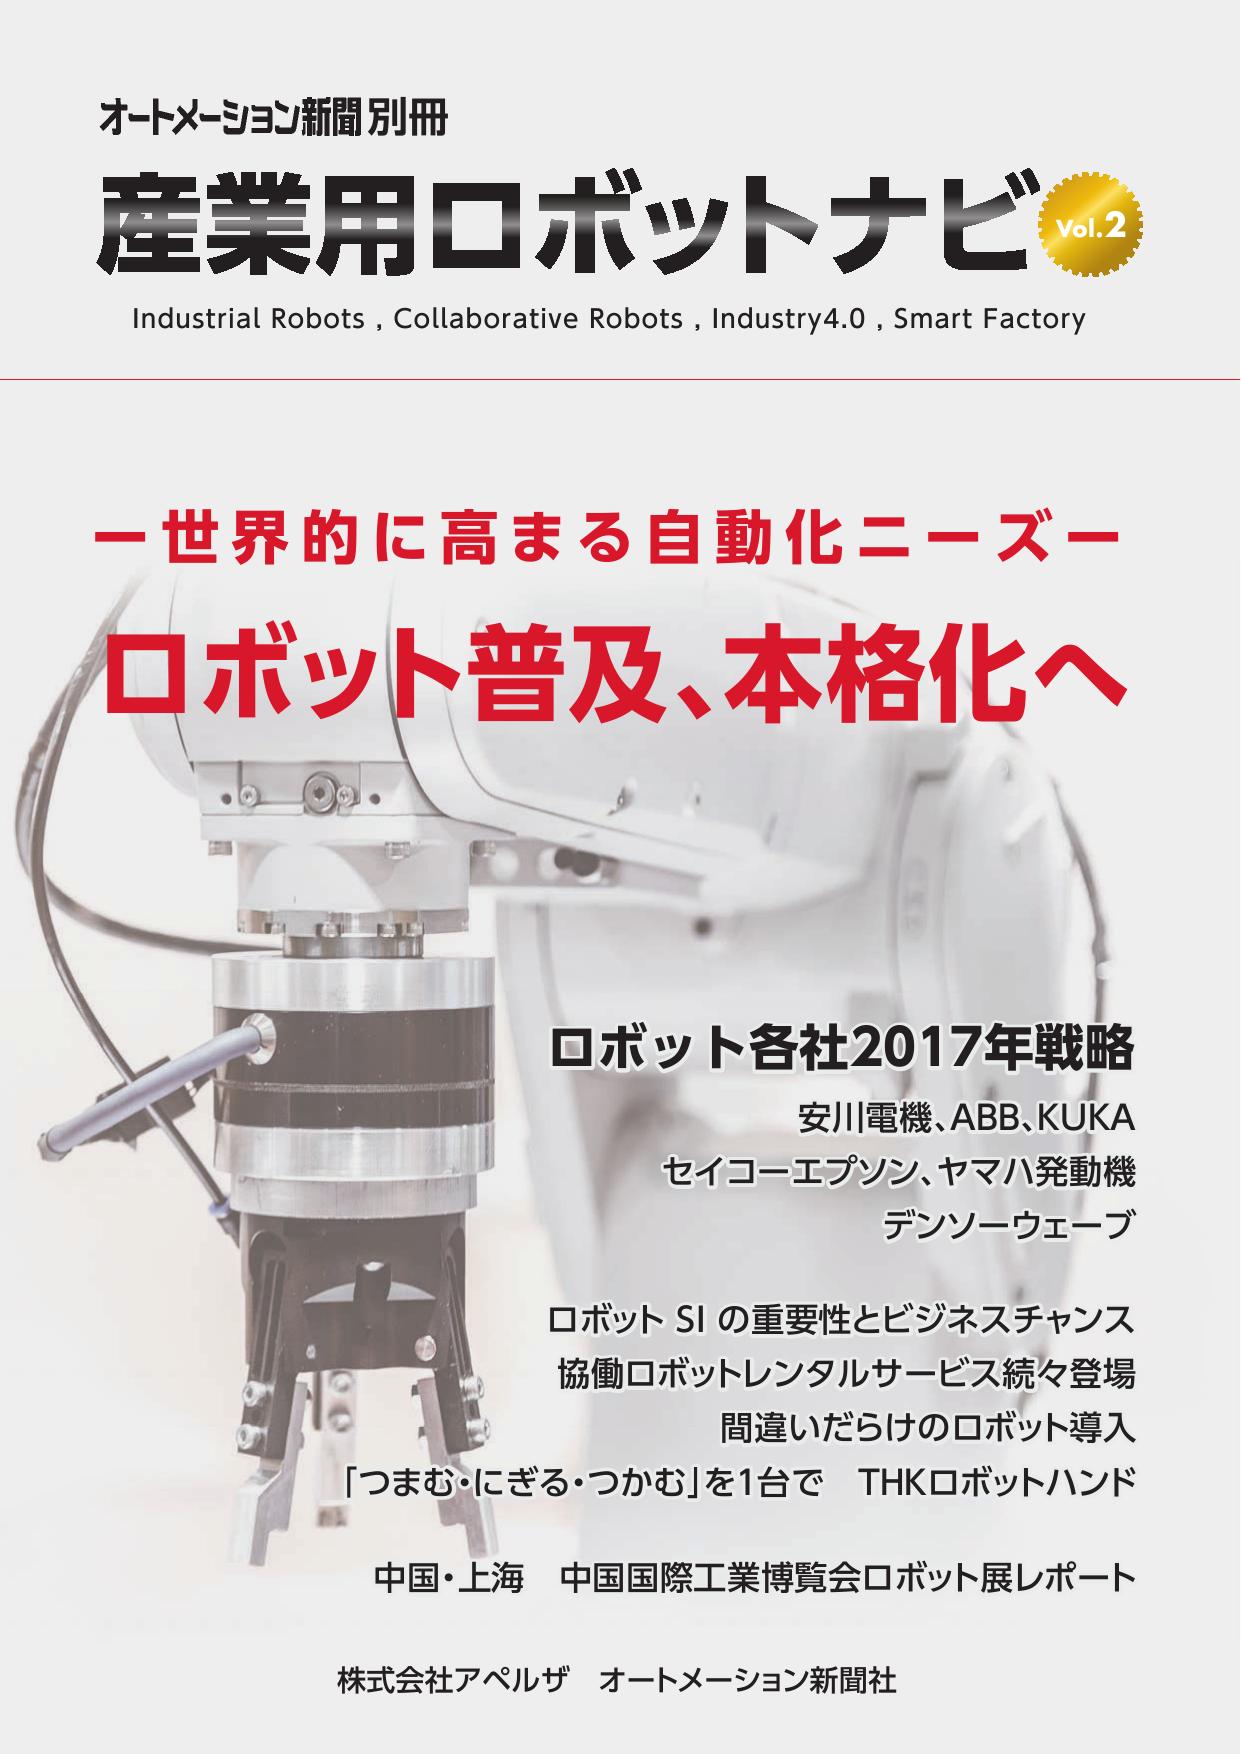 産業用ロボットナビ Vol2 ダイジェスト版